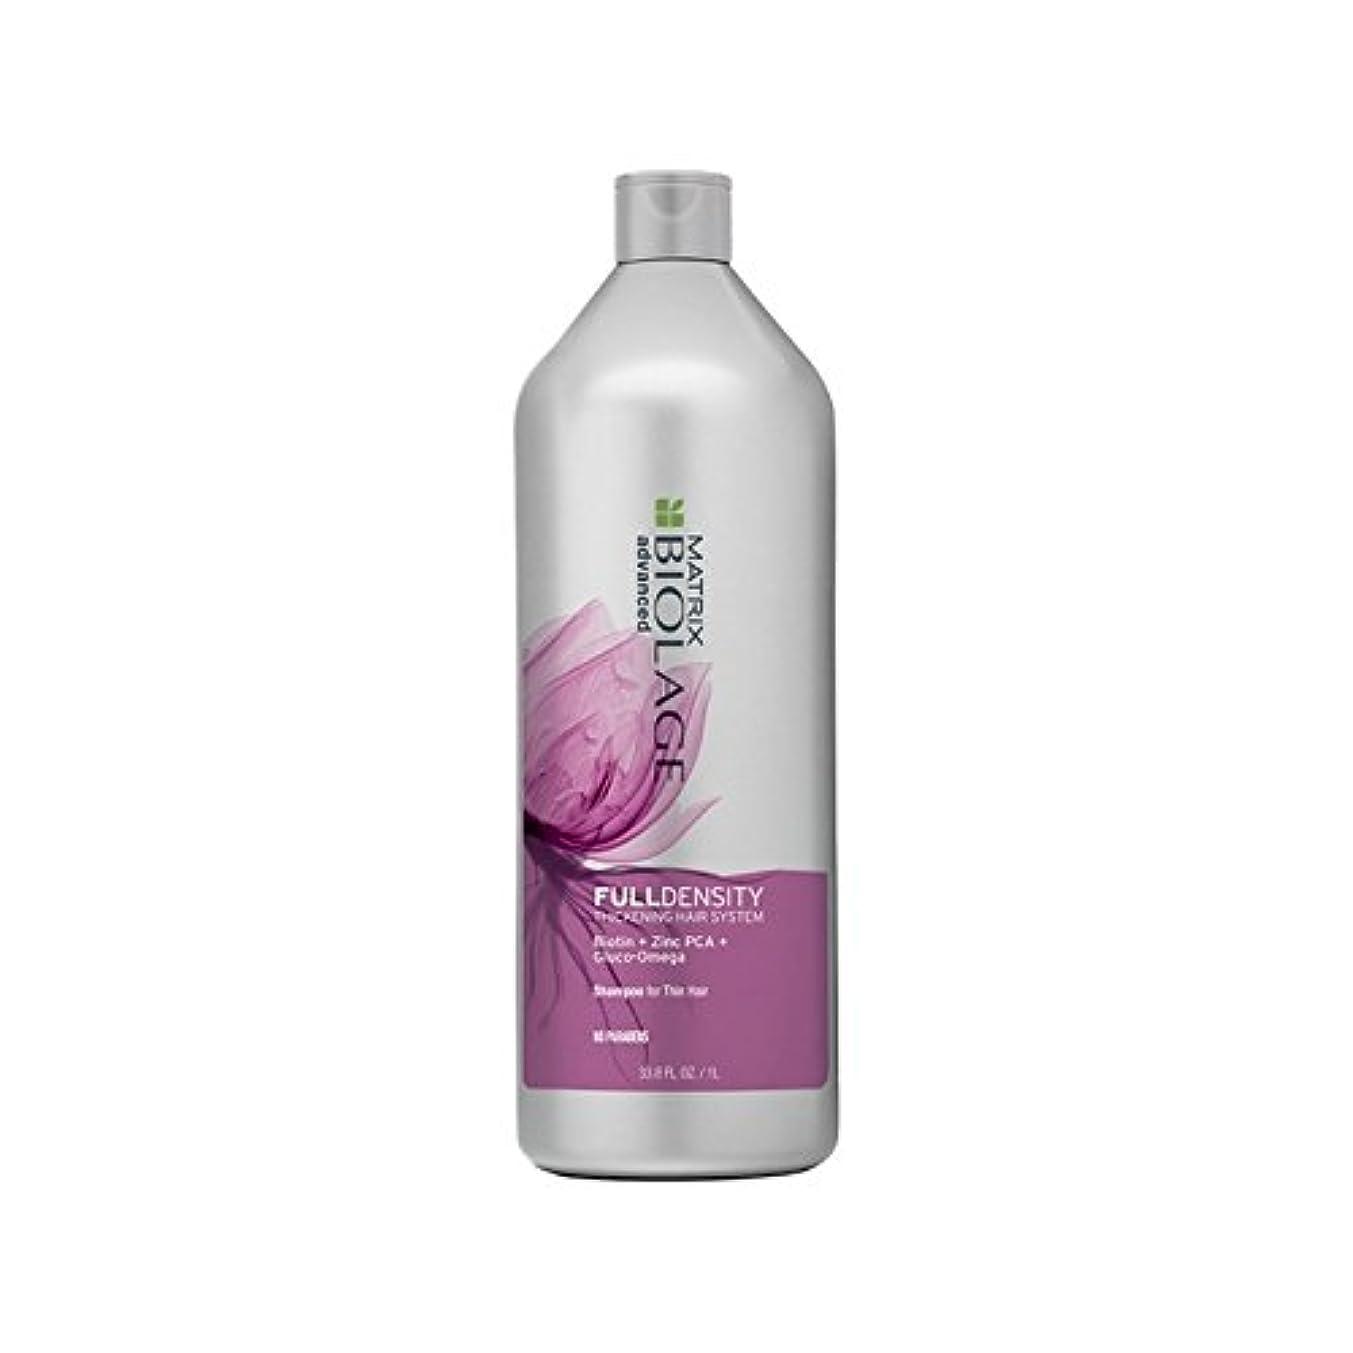 処方ふざけた強盗マトリックスバイオレイジ完全密度シャンプー(千ミリリットル) x4 - Matrix Biolage Full Density Shampoo (1000ml) (Pack of 4) [並行輸入品]